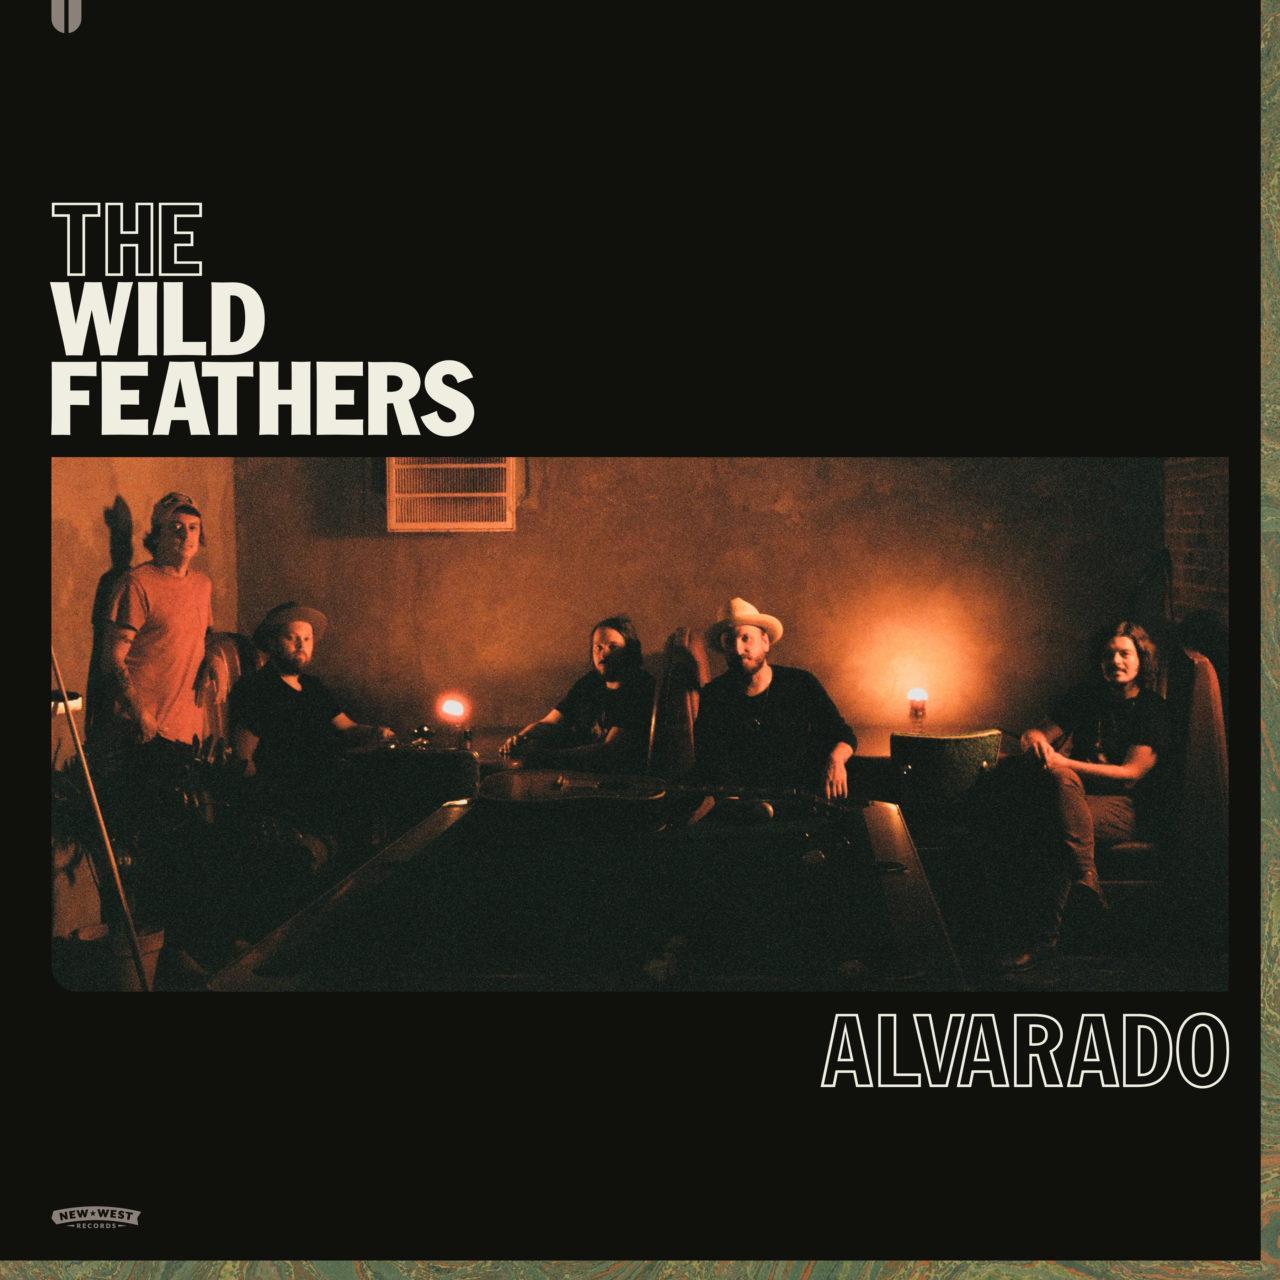 """The Wild Feathers 2021 album """"Alvarado"""" cover"""